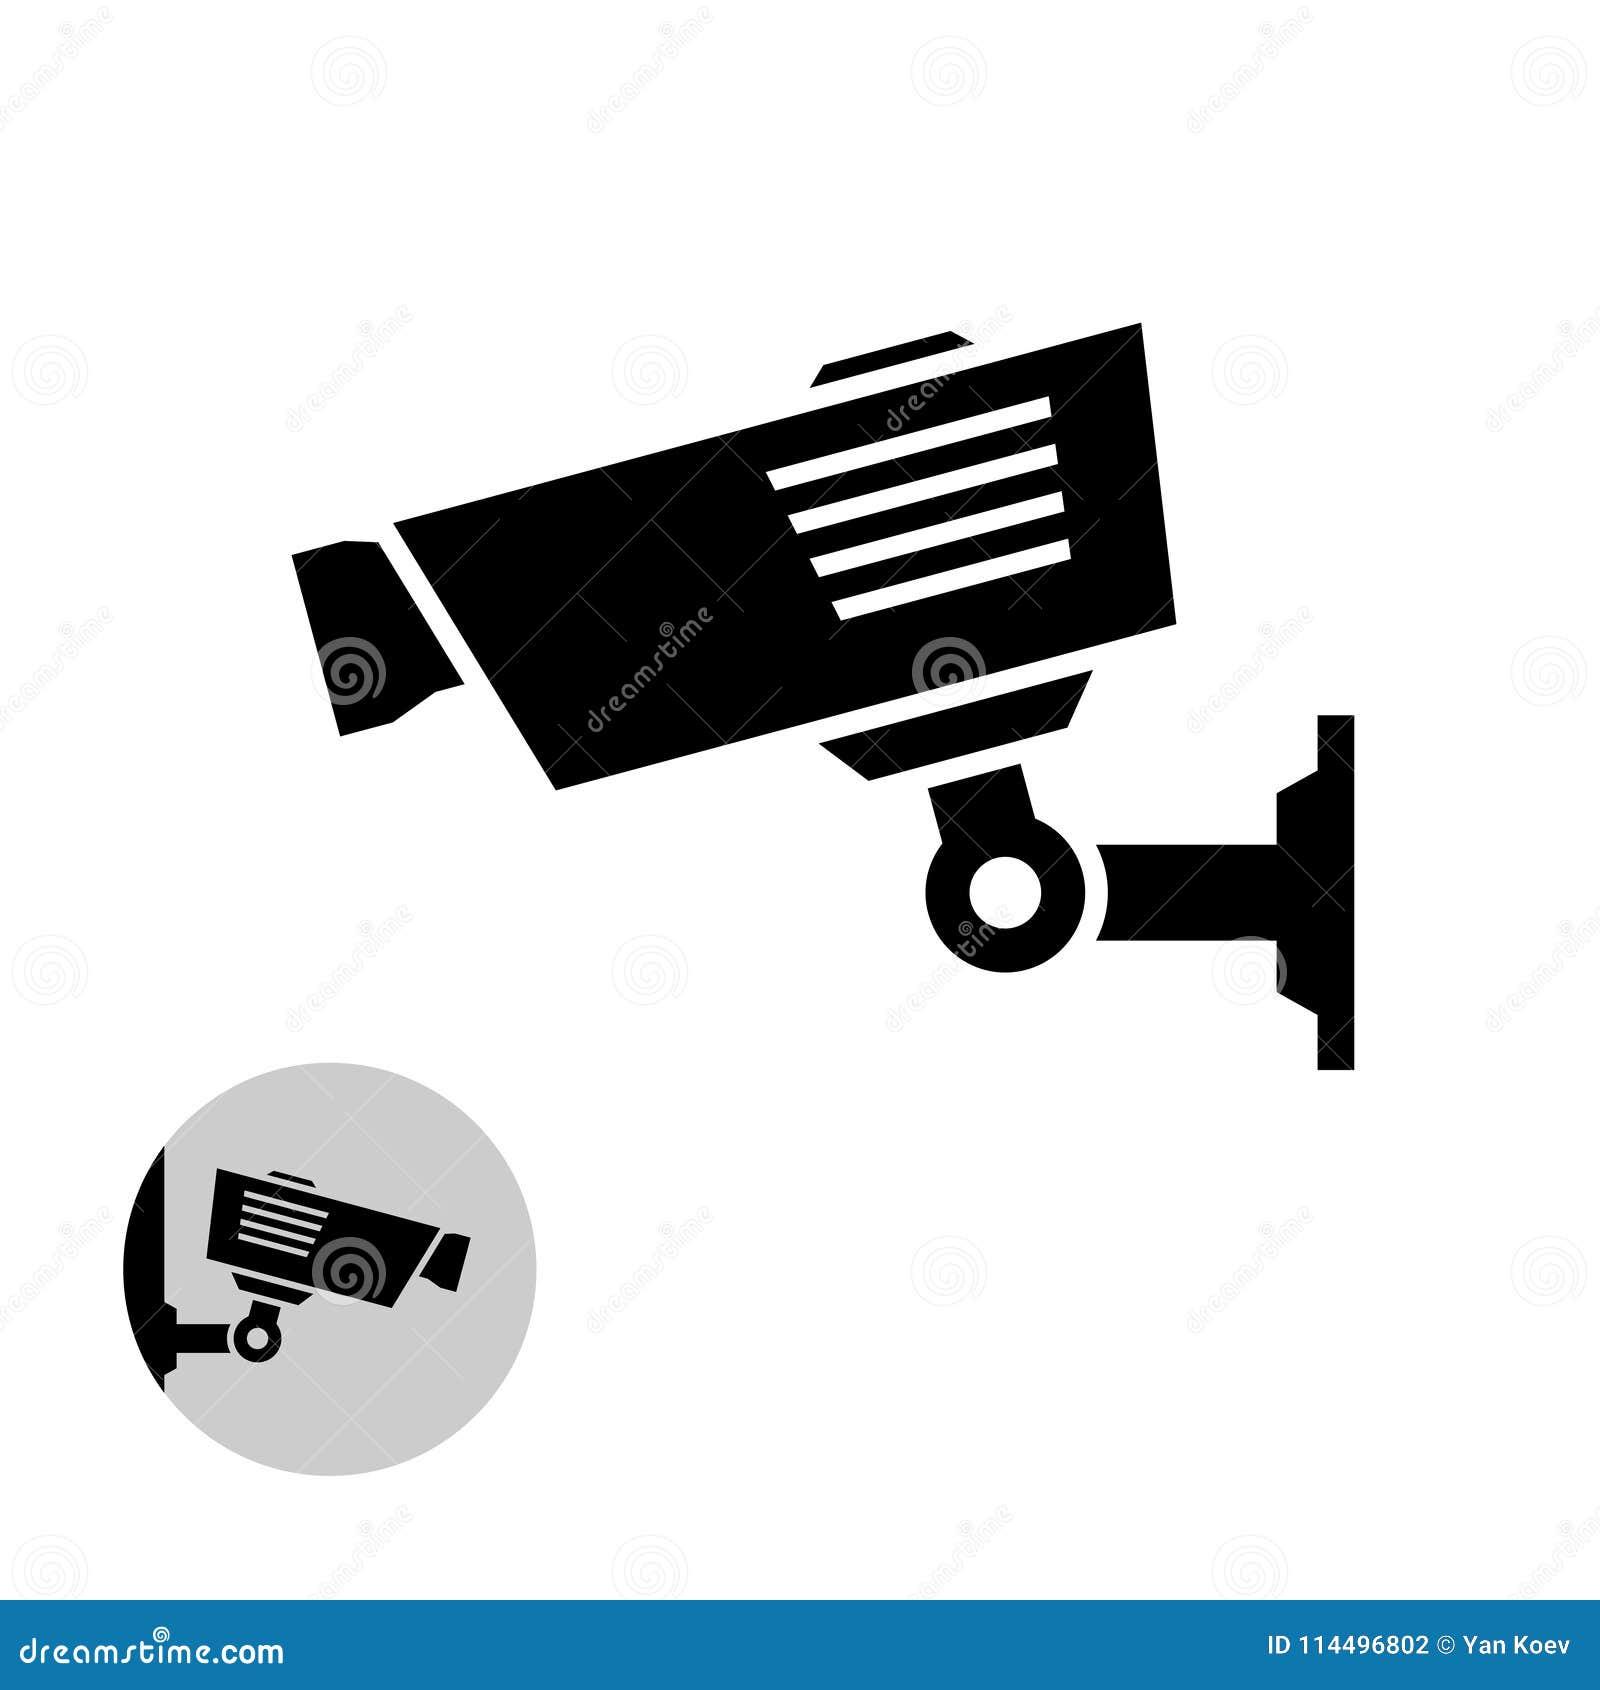 Einfache schwarze Ikone der Überwachungskamera auf der Wand